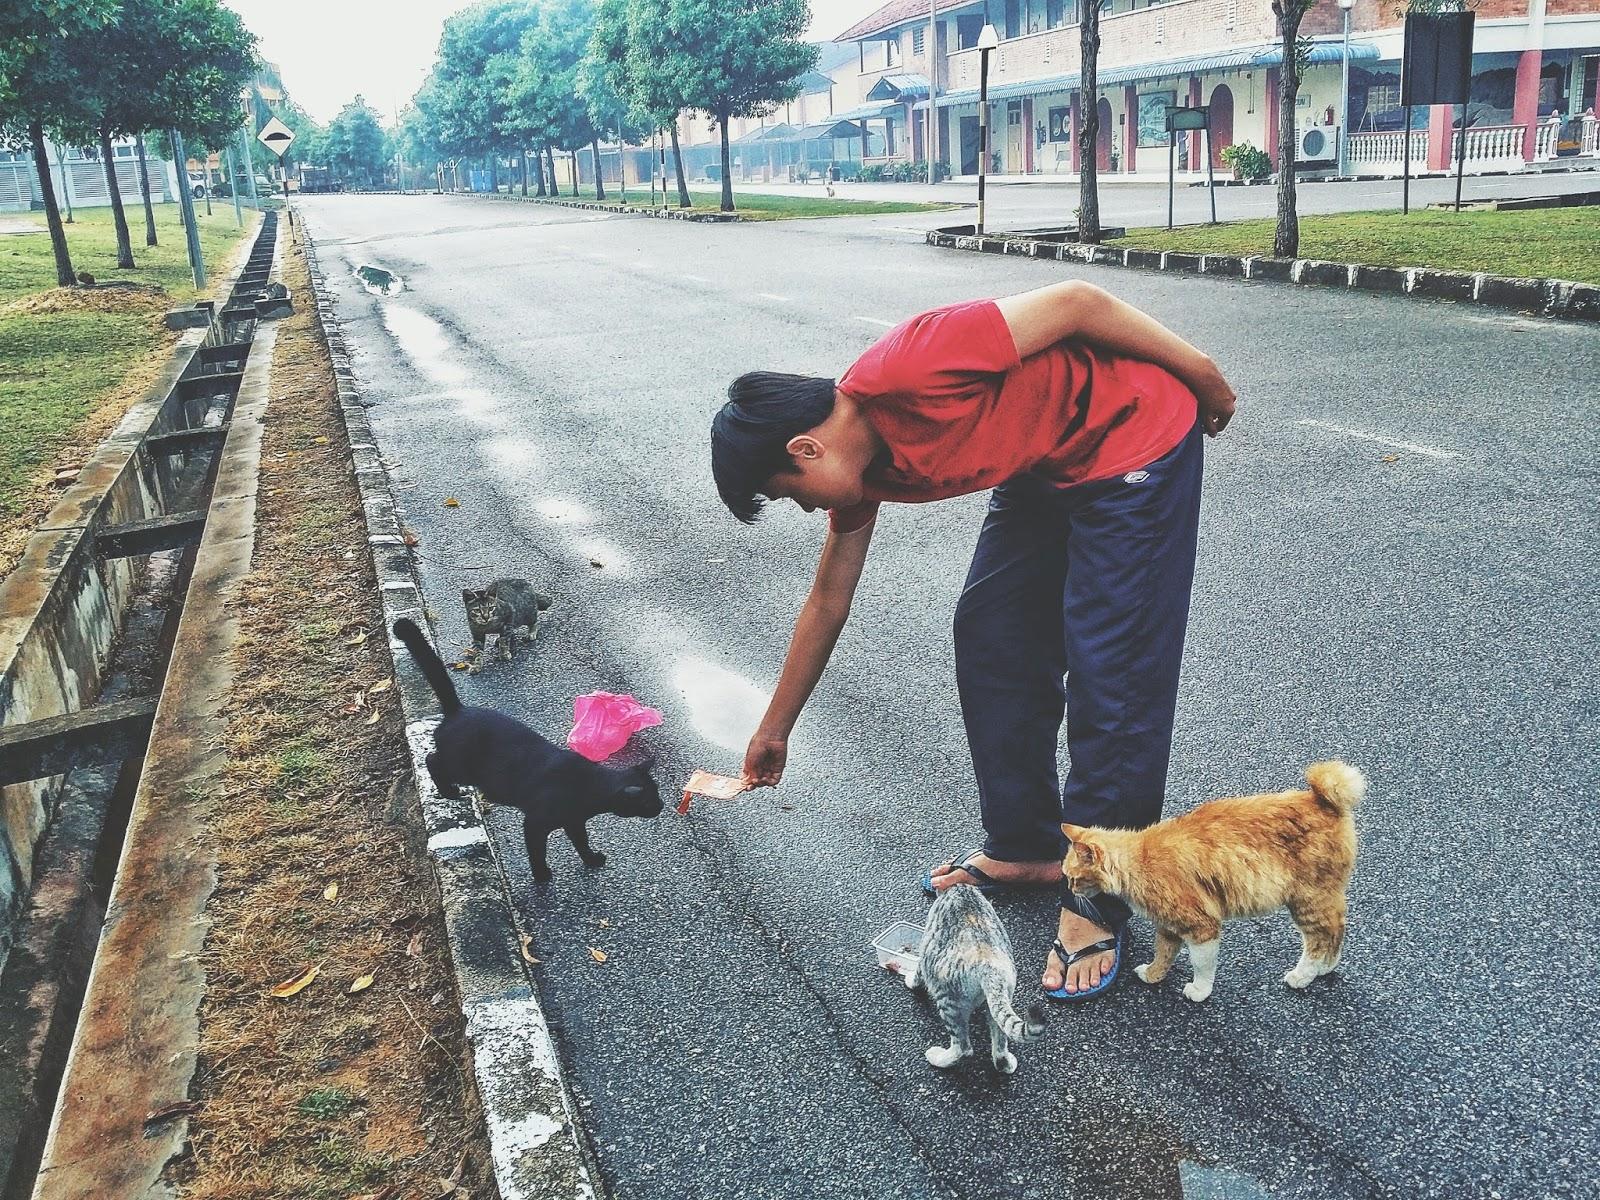 Koleksi Gambar Penuh Kasih Sayang Seorang Pencinta Kucing